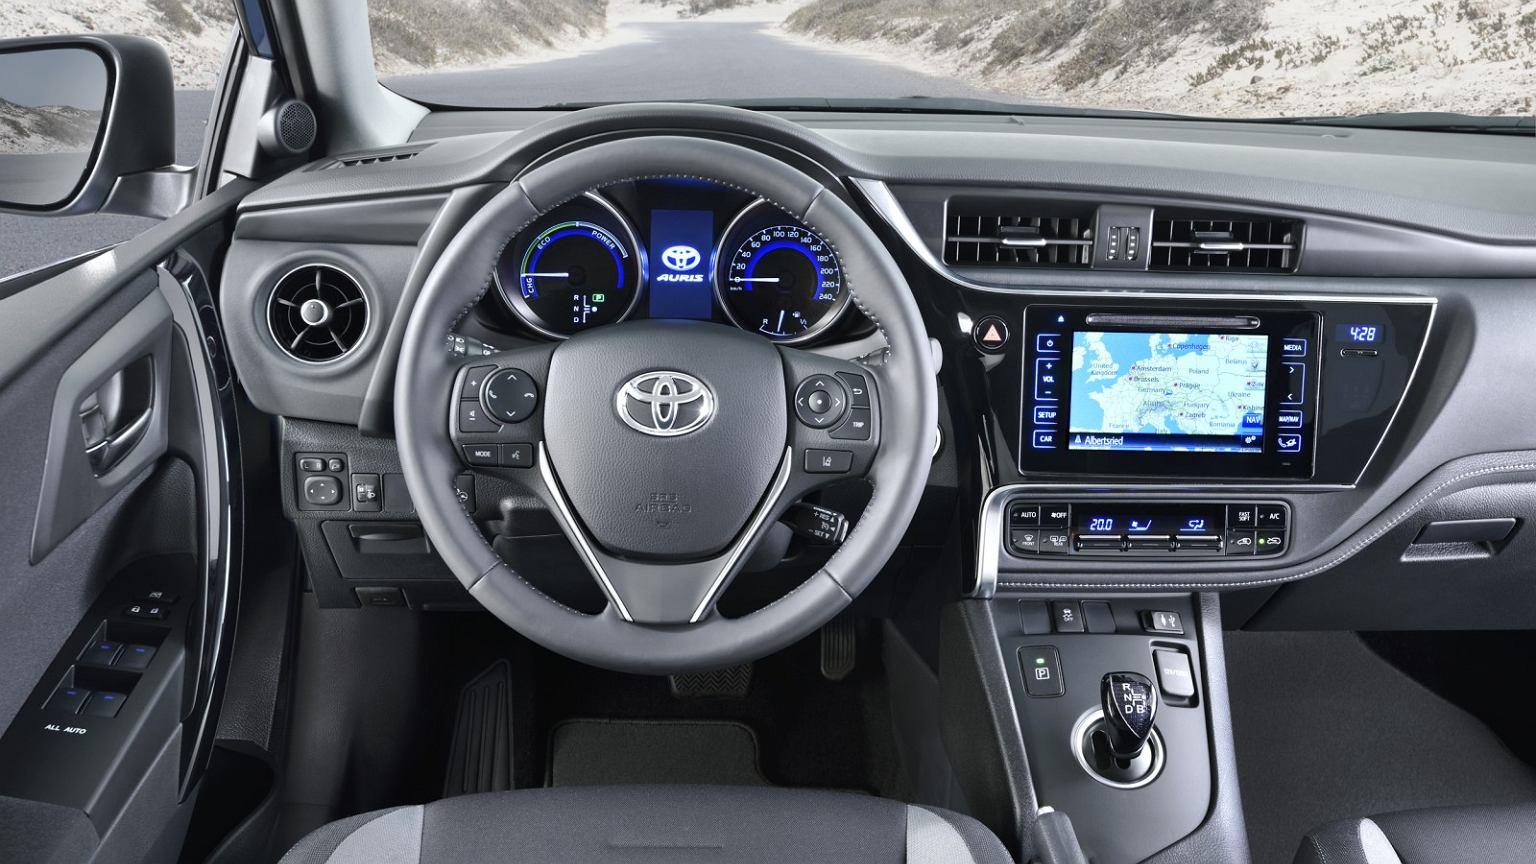 Toyota auris ceny w polsce ju w salonach zdj cie nr 5 for Interior toyota auris 2018